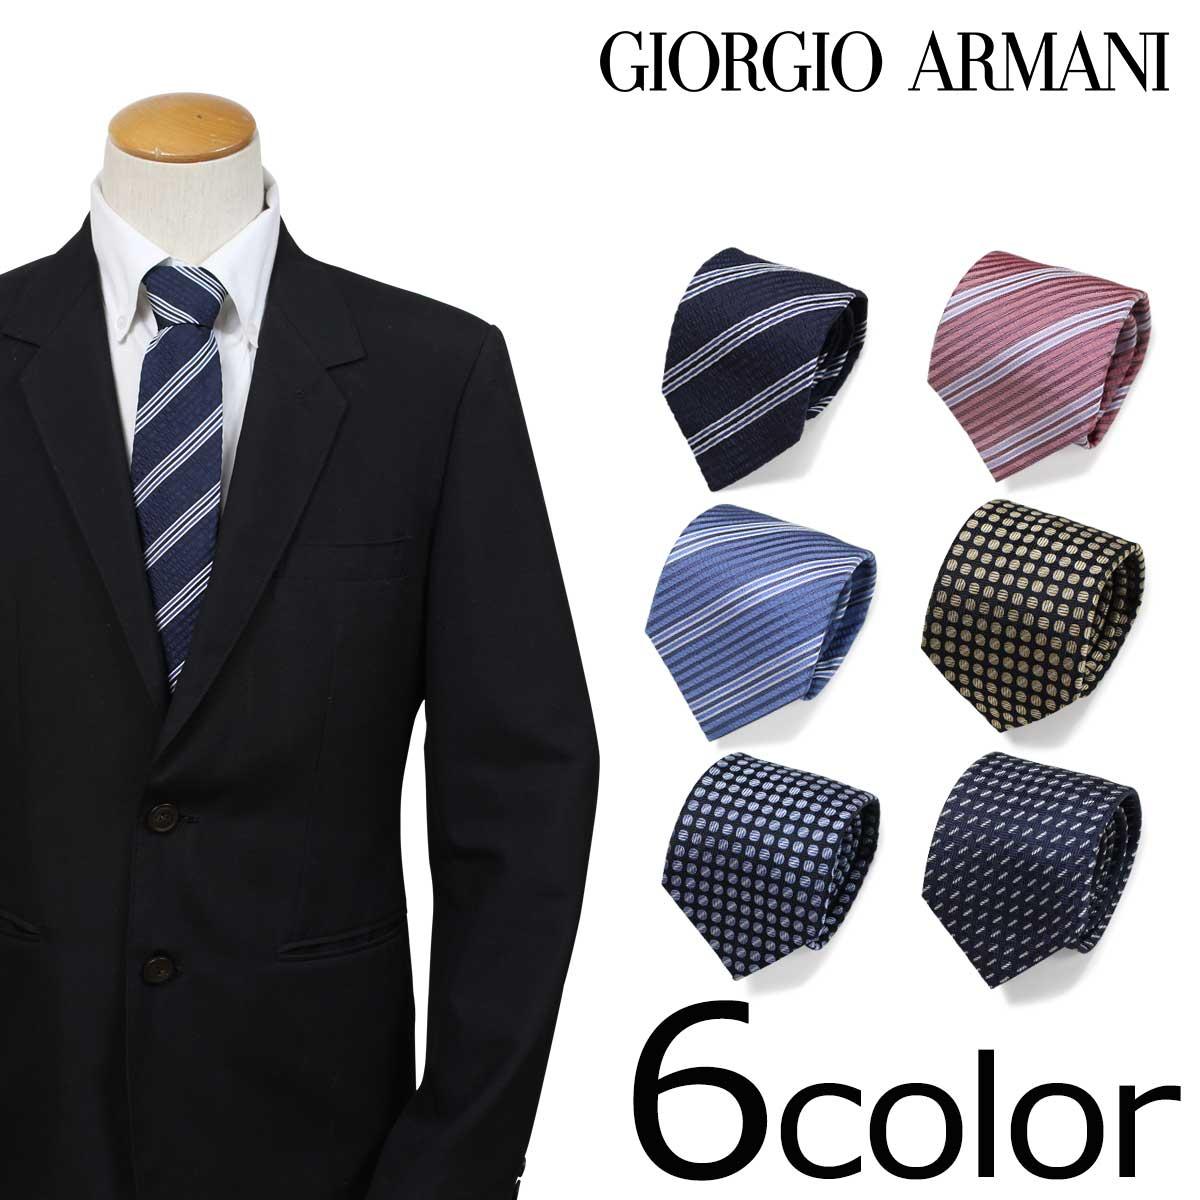 GIORGIO ARMANI ジョルジオ アルマーニ ネクタイ イタリア製 シルク ビジネス 結婚式 メンズ [9/5 追加入荷]